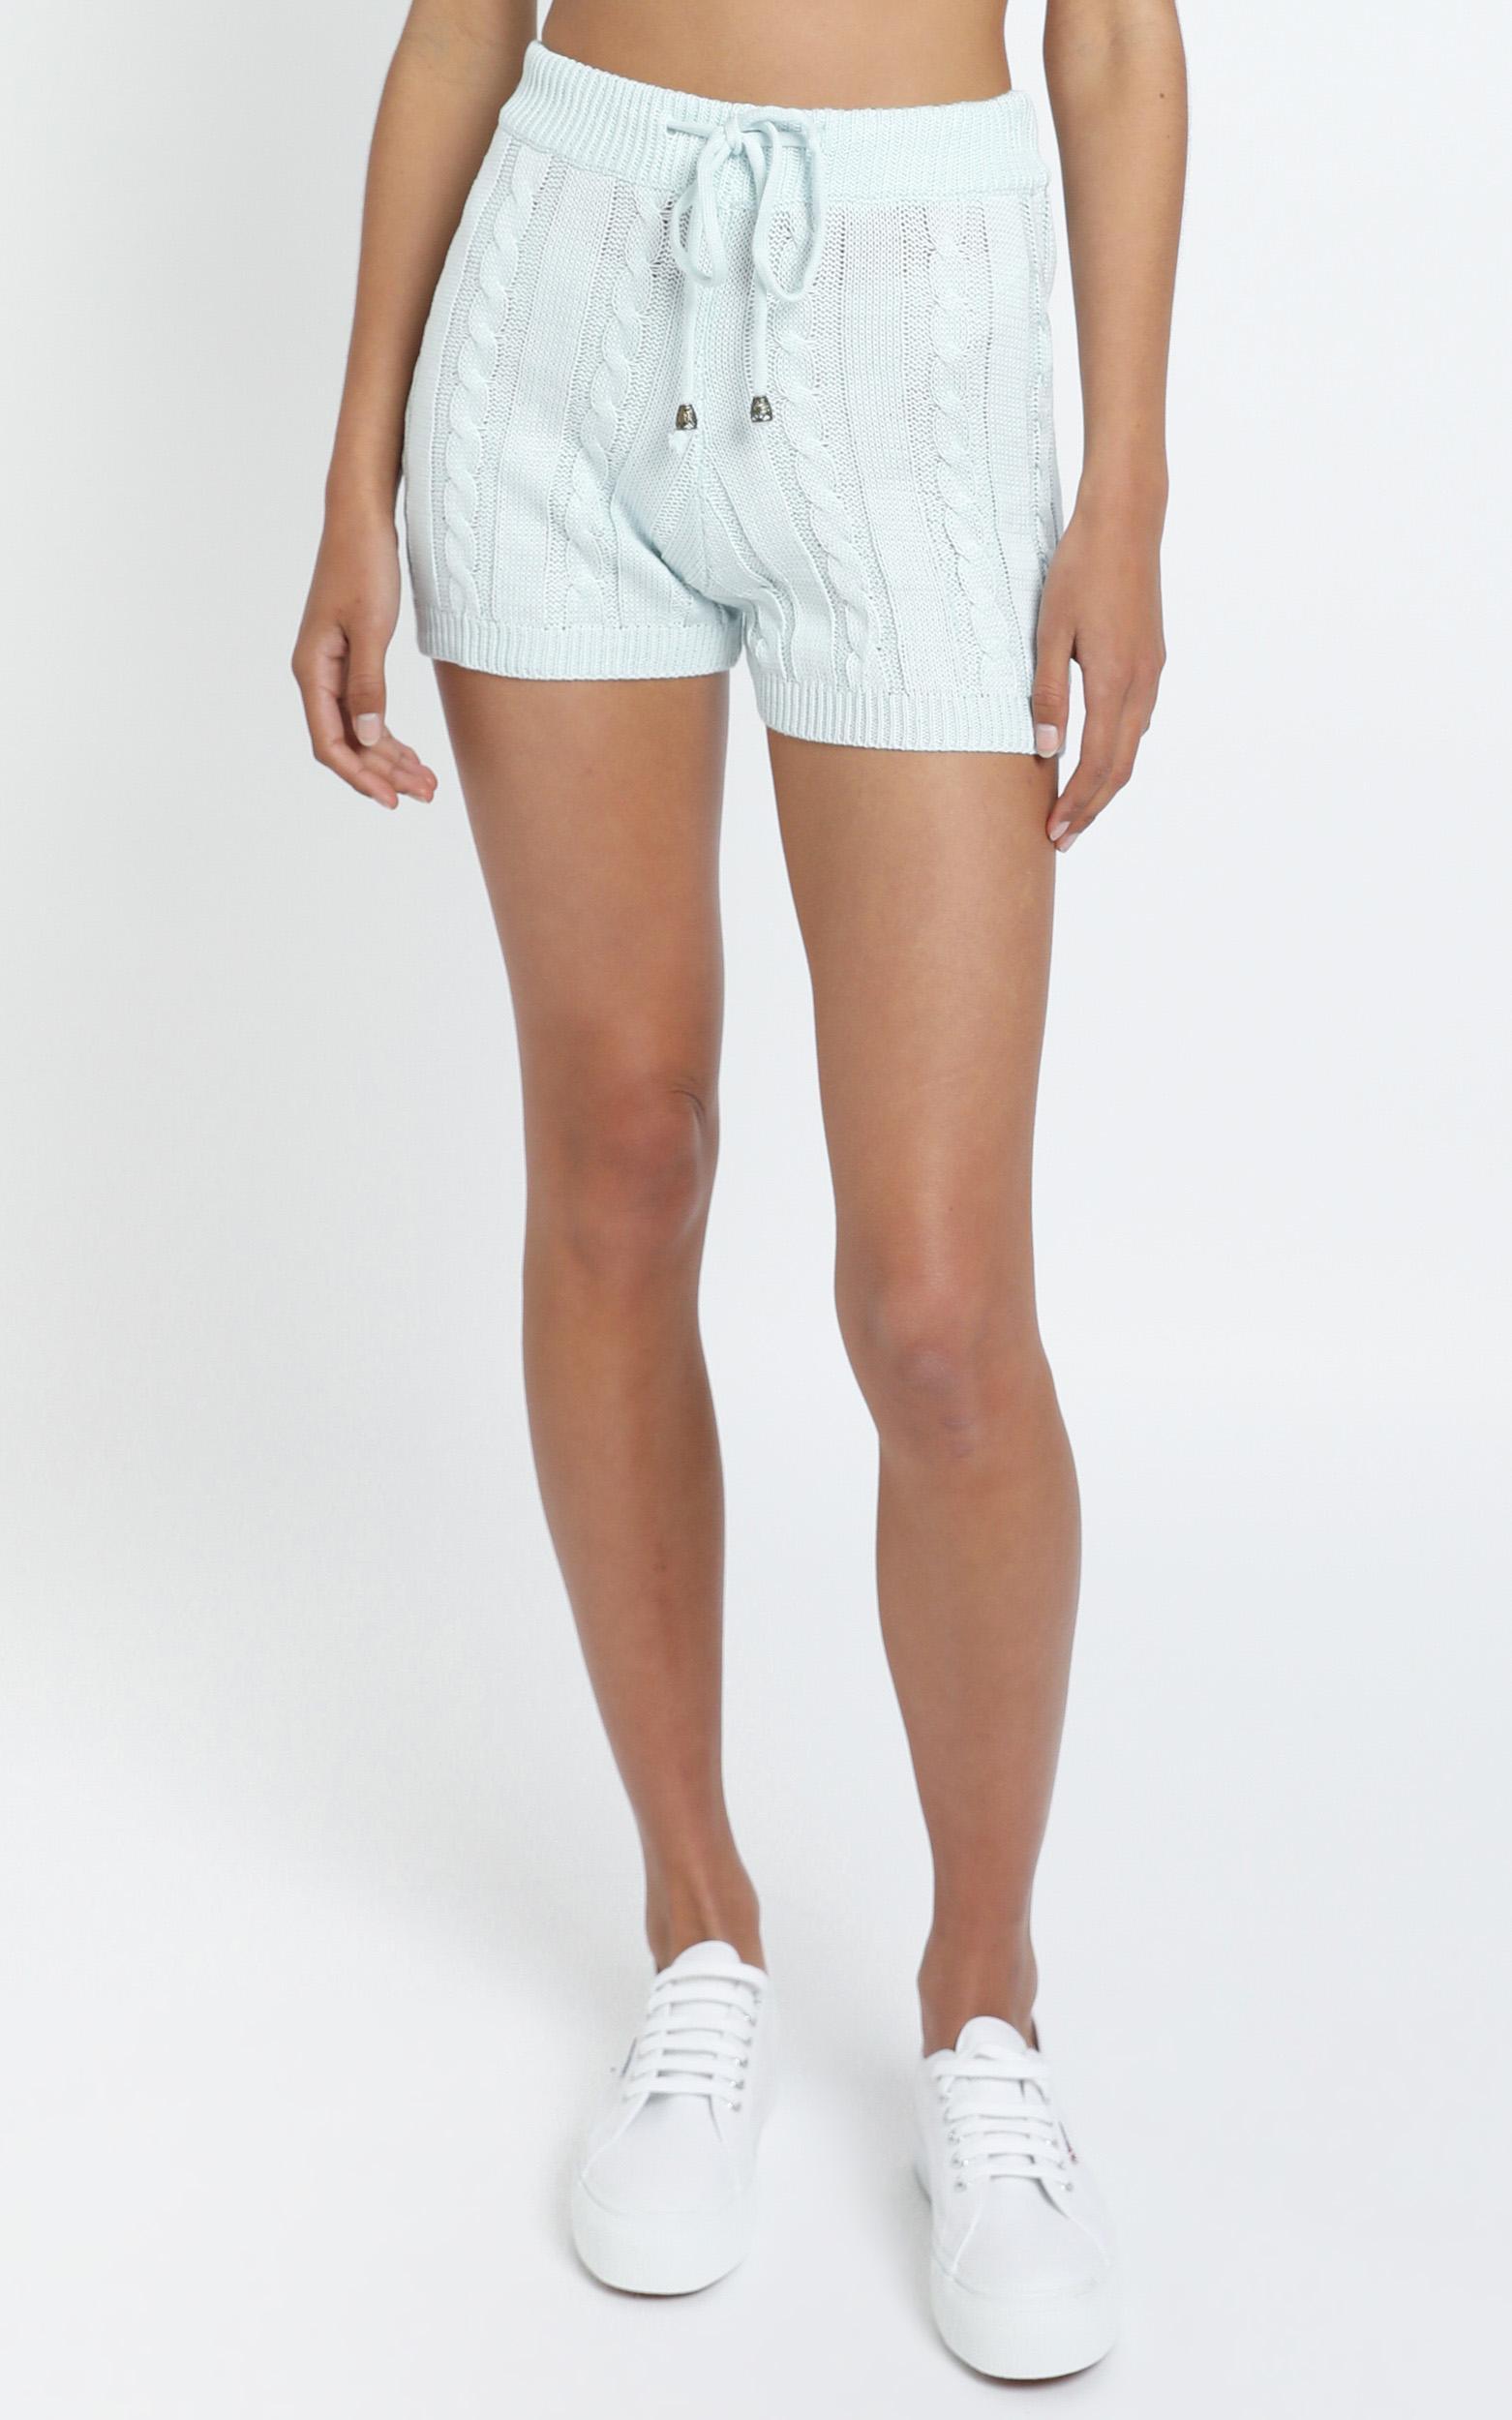 Celinna Knit Shorts in Grey - L, Grey, hi-res image number null